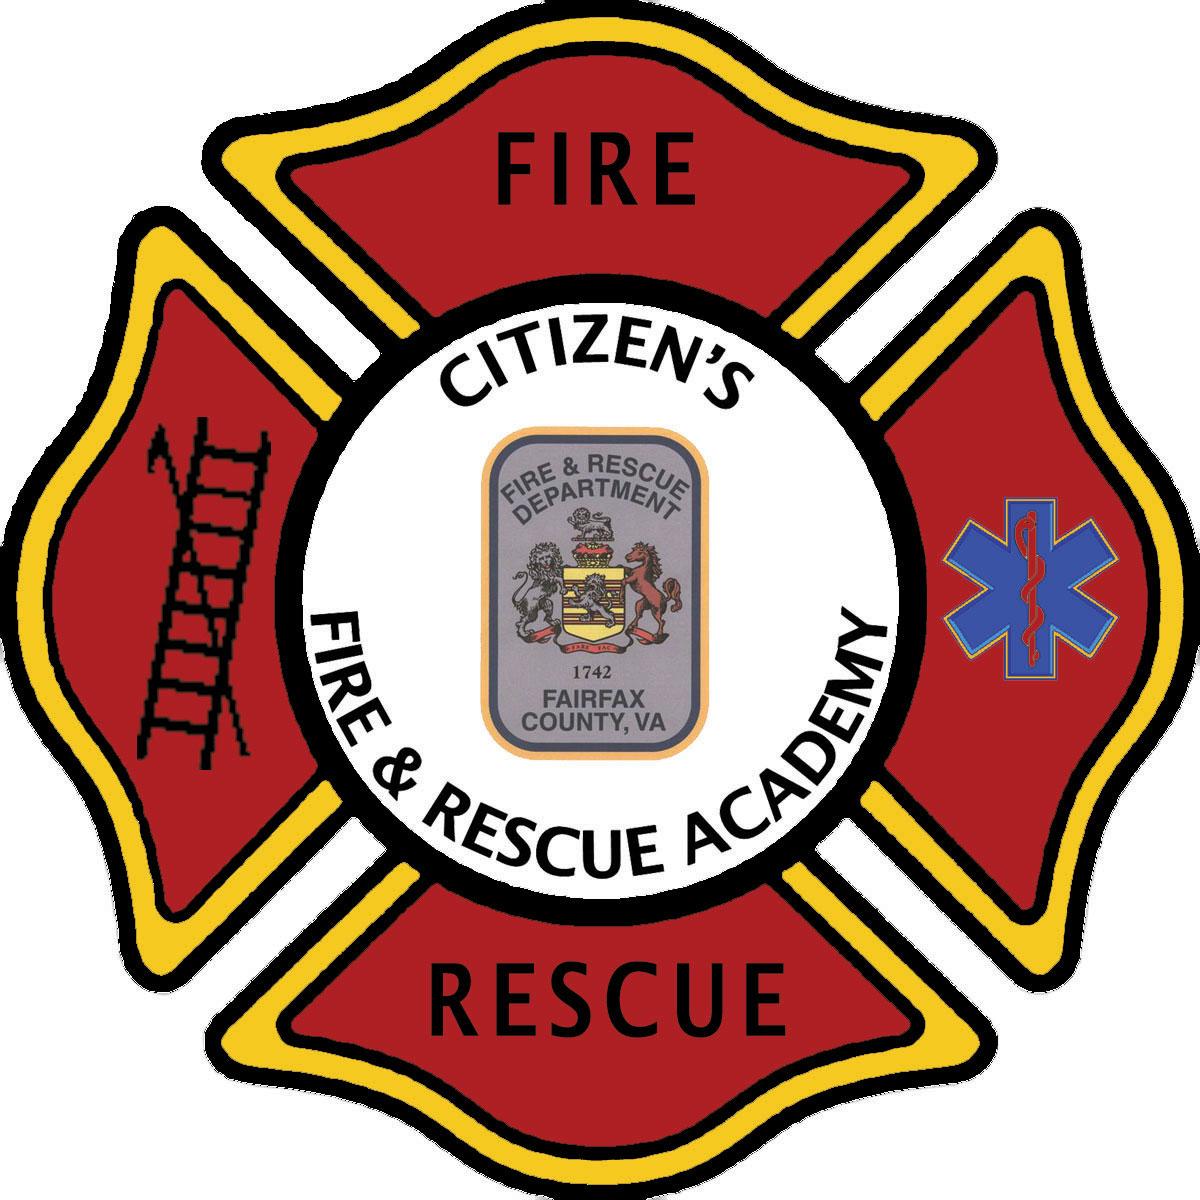 Firefighter clipart logo Firefighter Logo Firefighter Firefighter Design